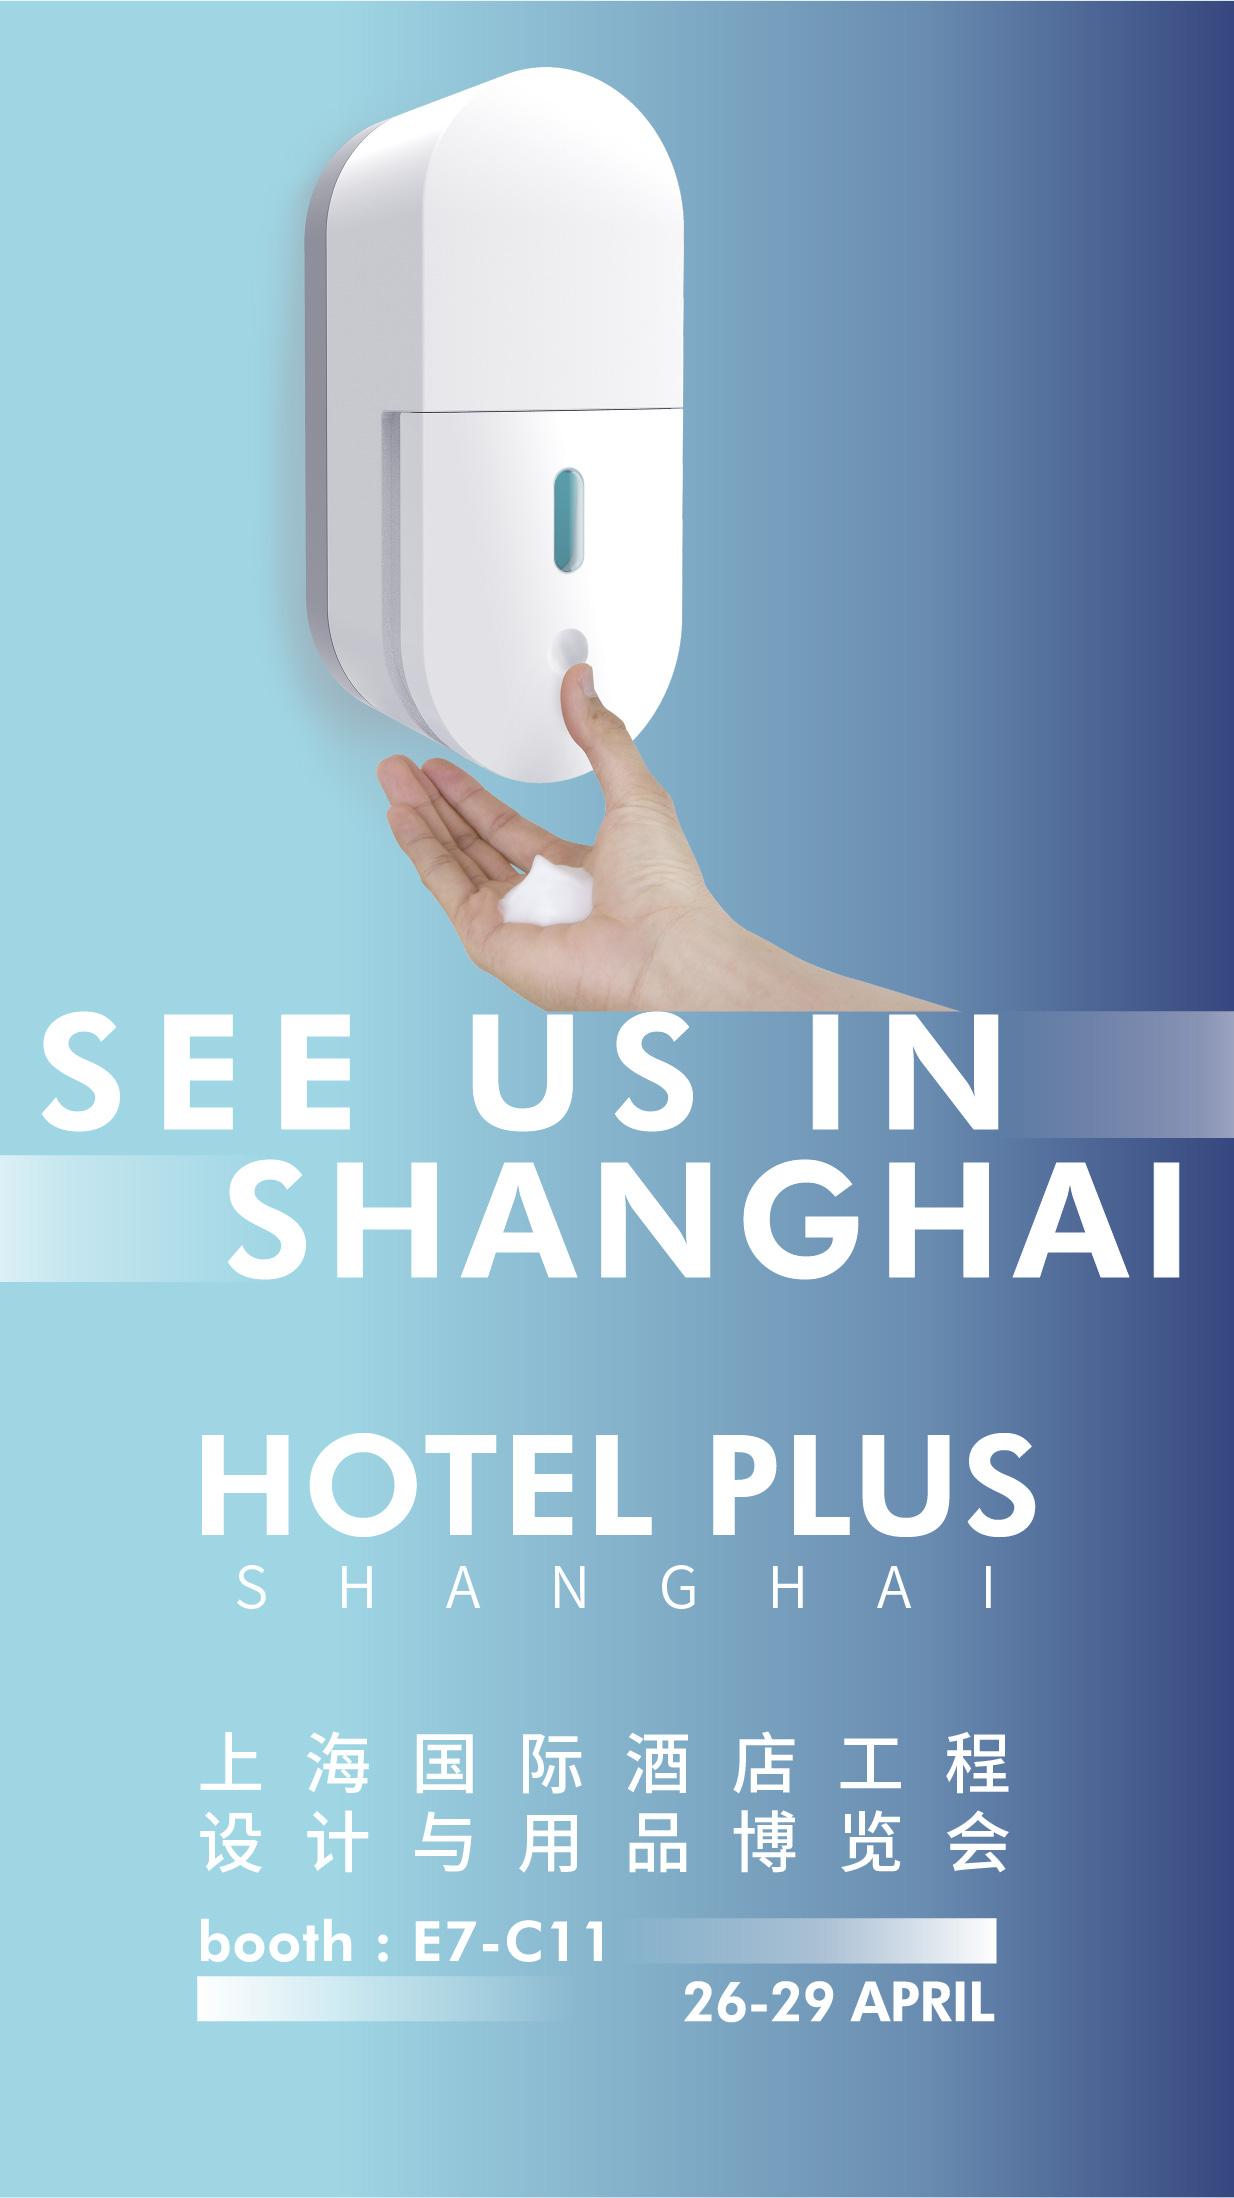 2018 hotel plus